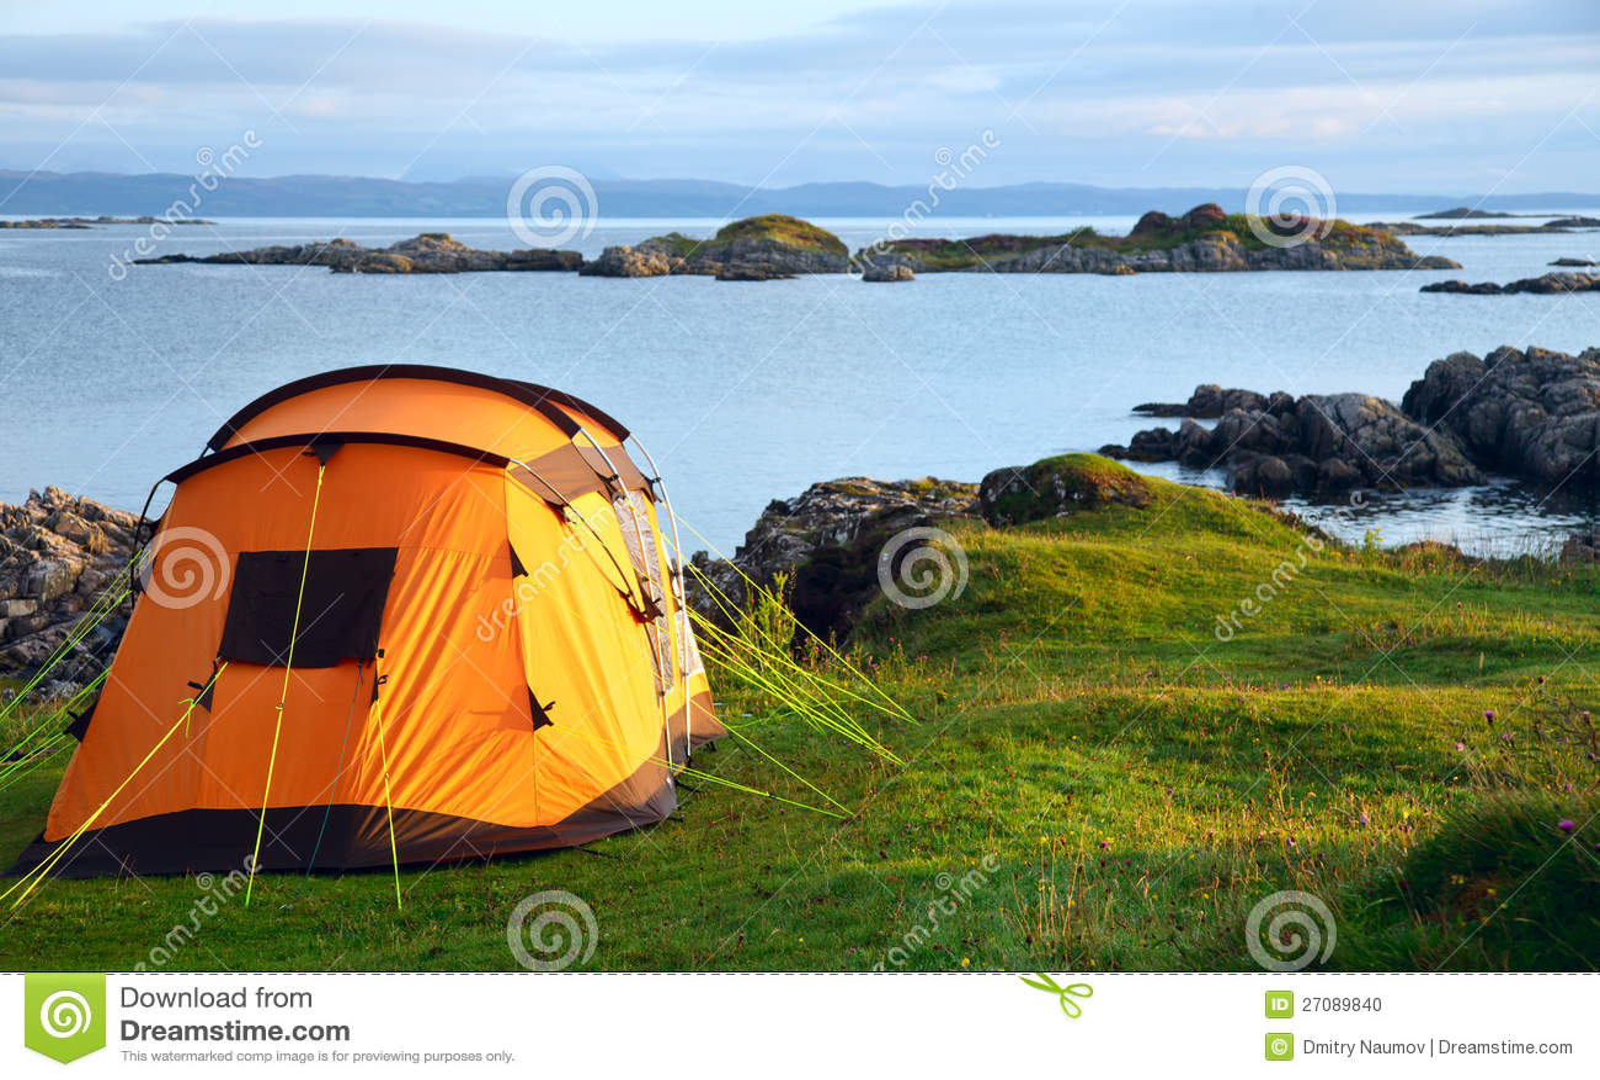 Ся шатер на береге океана